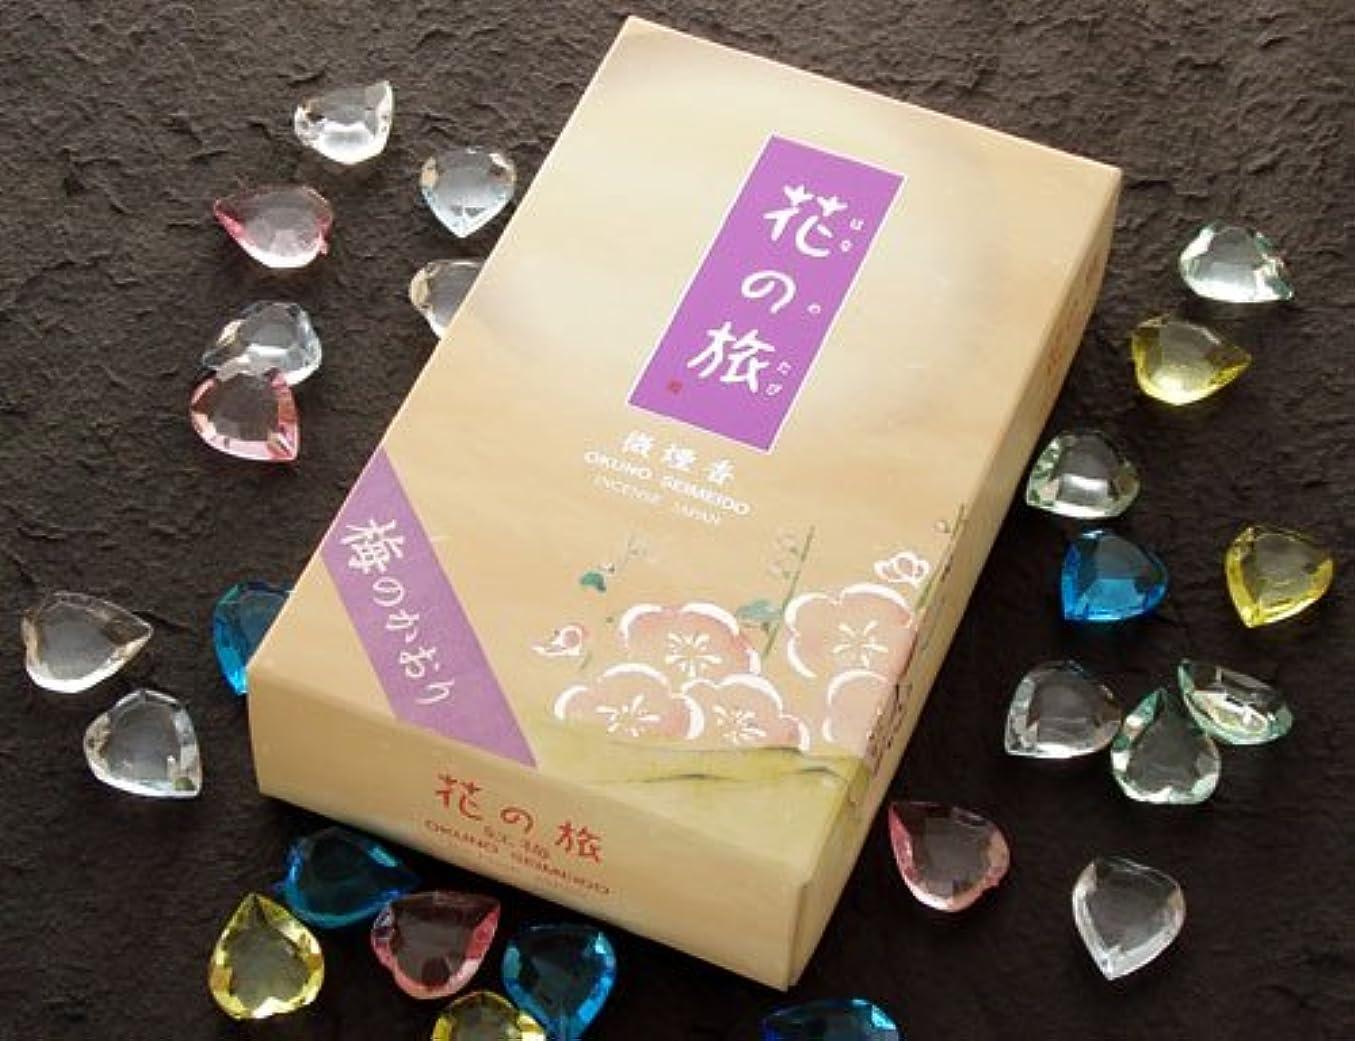 壊滅的な温度他のバンドで【微煙タイプ】梅に始まる日本人の美意識 「花の旅 梅のかおり」大バラ 奥野晴明堂